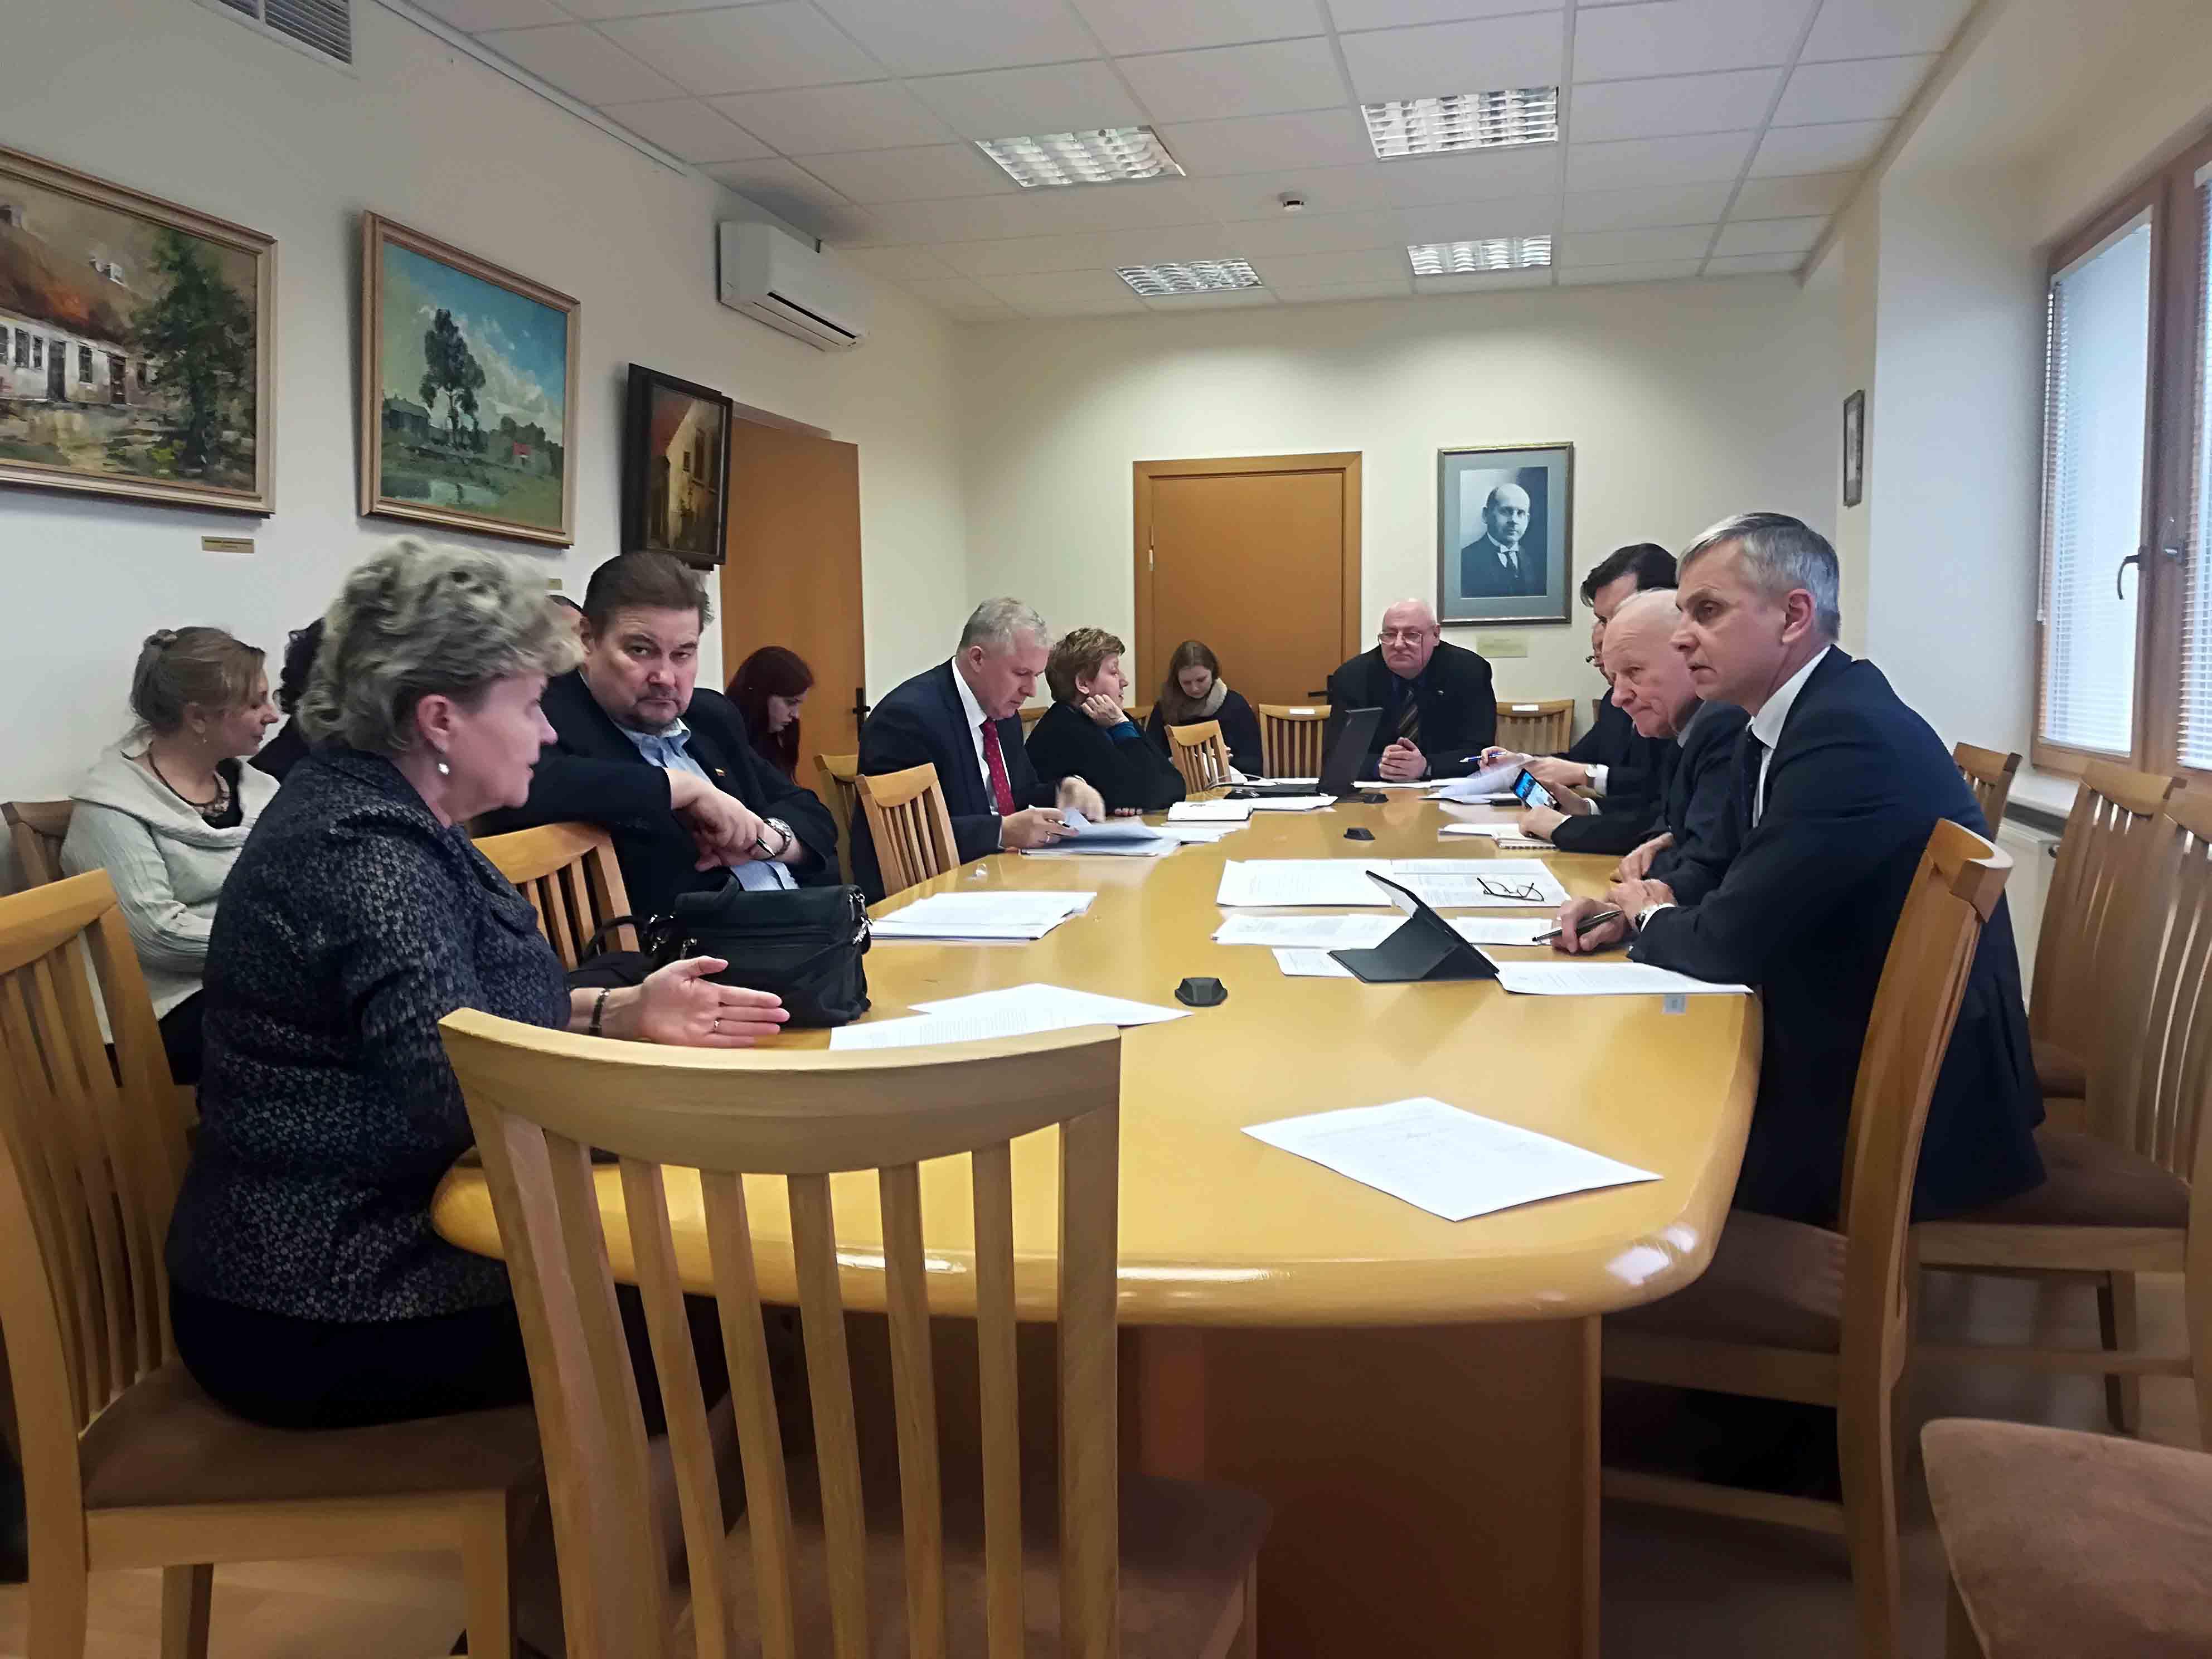 Seimo Valstybės istorinės atminties komisijos posėdis | Alkas.lt, J. Vaiškūno nuotr.